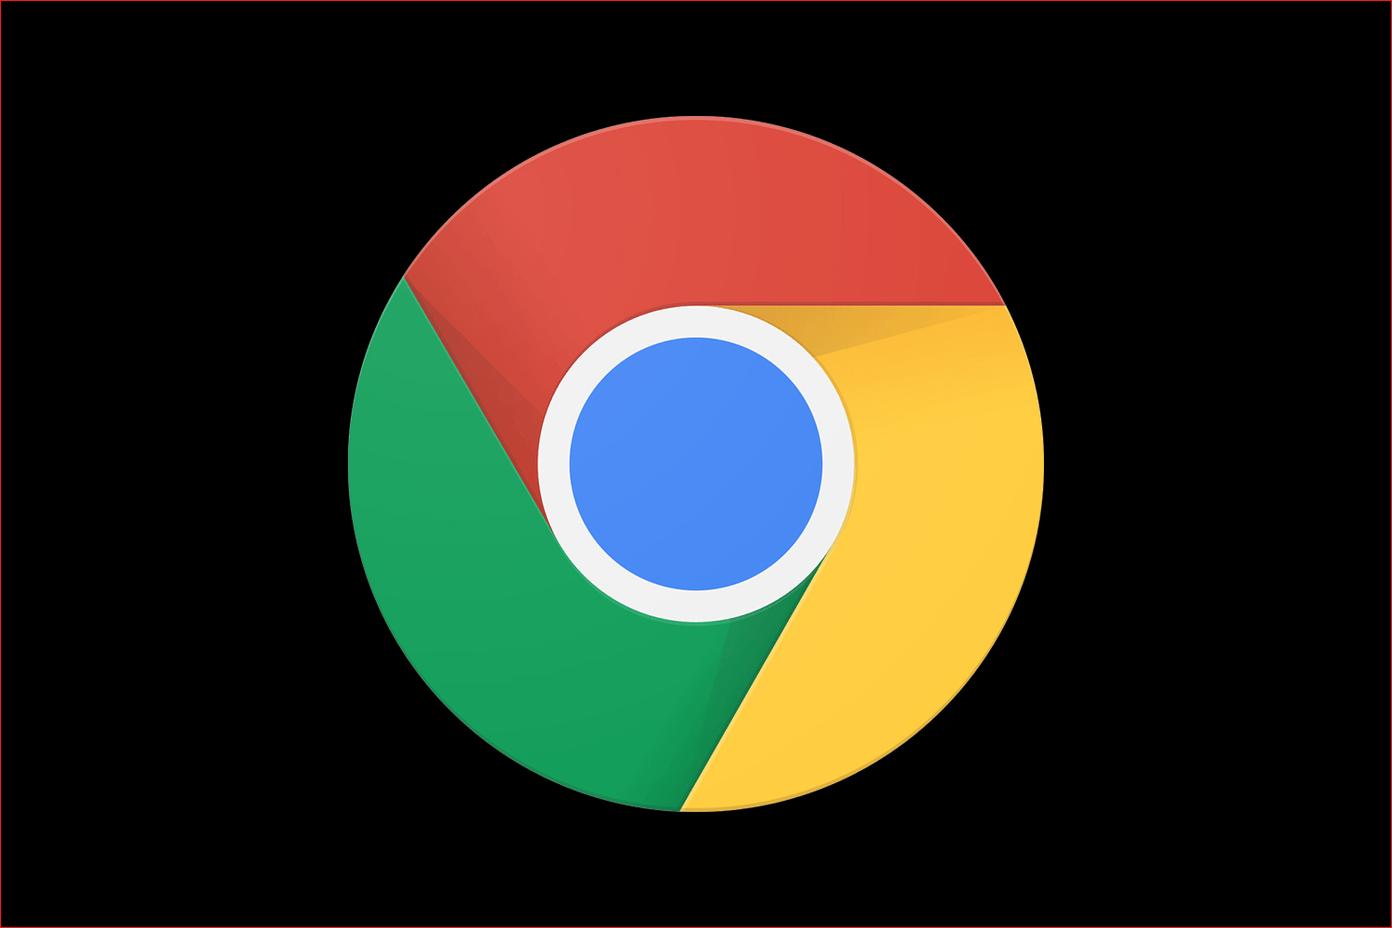 Cómo solucionar los problemas de Google Docs no funciona sin conexión 2